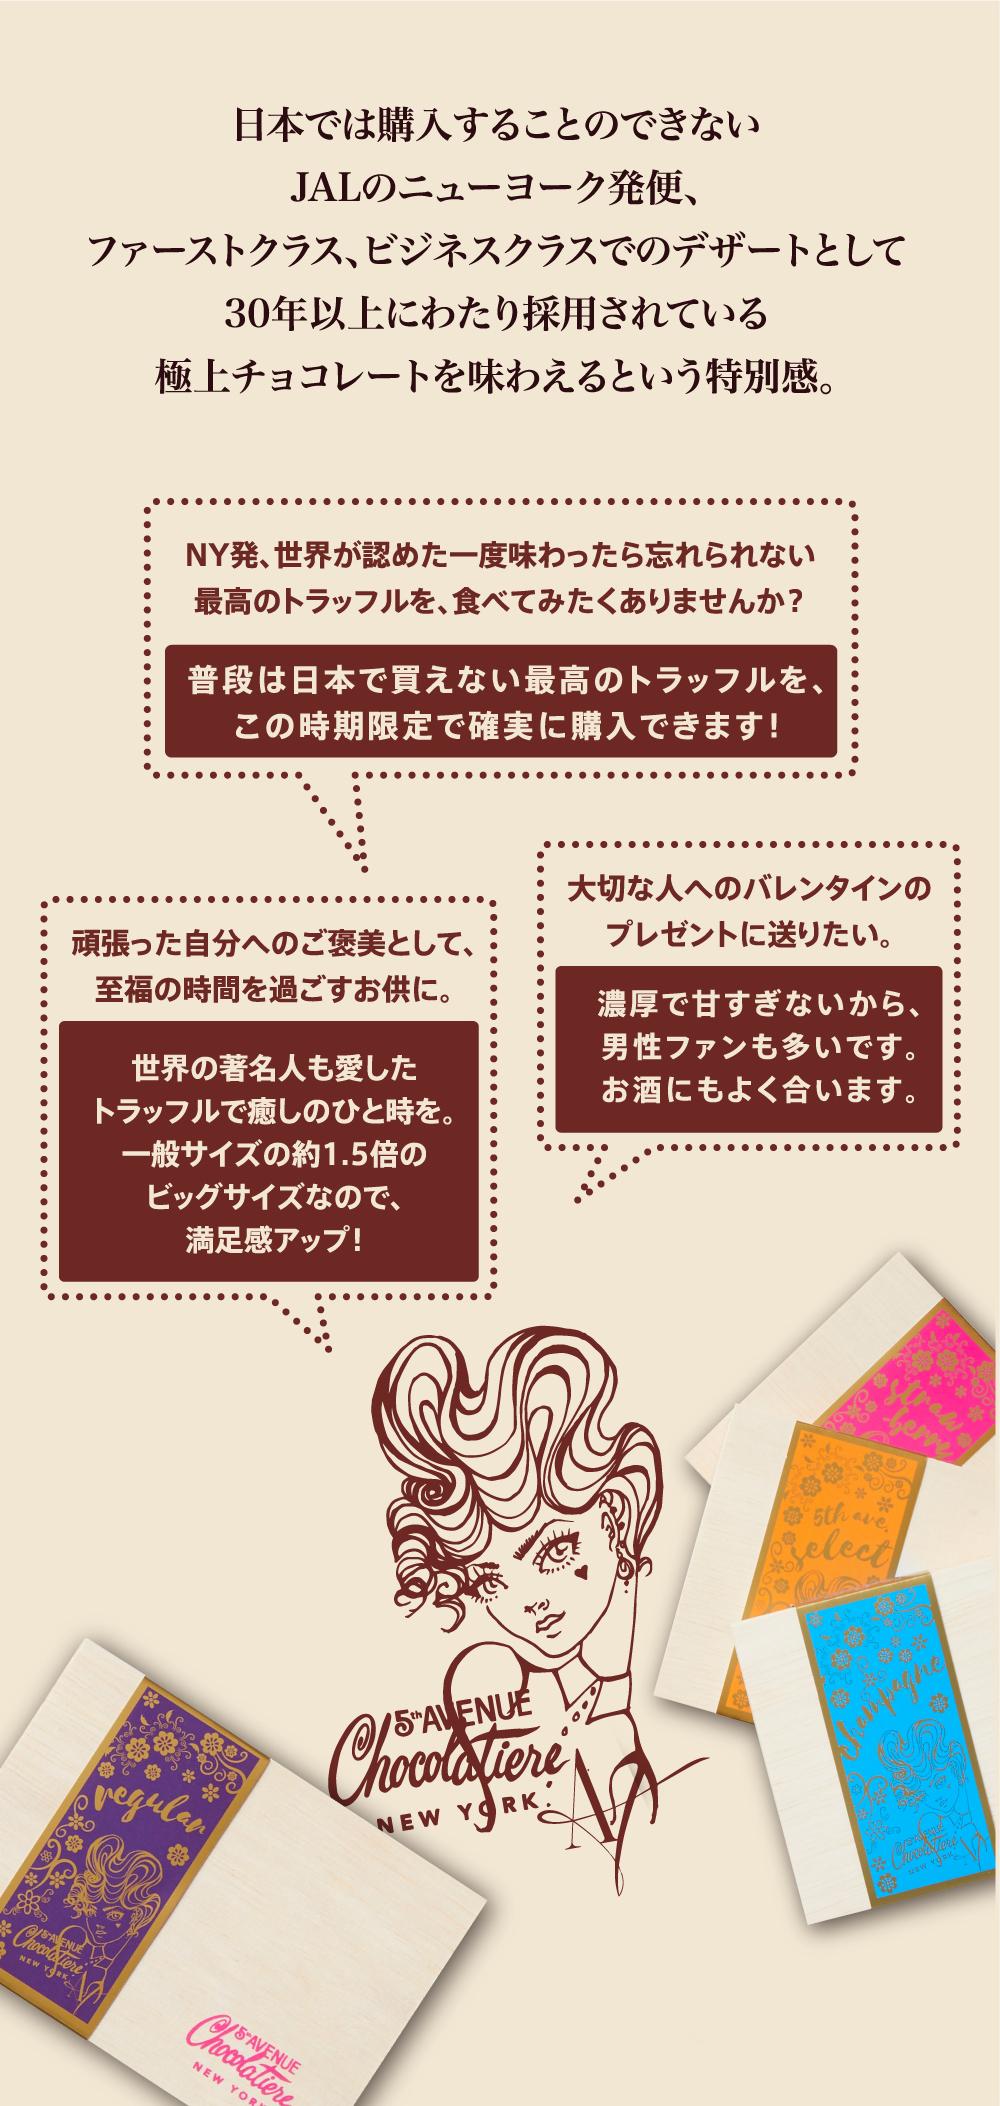 5th Avenue Chocolatiere 日本では購入することのできないJALのニューヨーク発便、ファーストクラス、ビジネスクラスでのデザートとして30年以上にわたり採用されている極上チョコレートを味わえるという特別感。